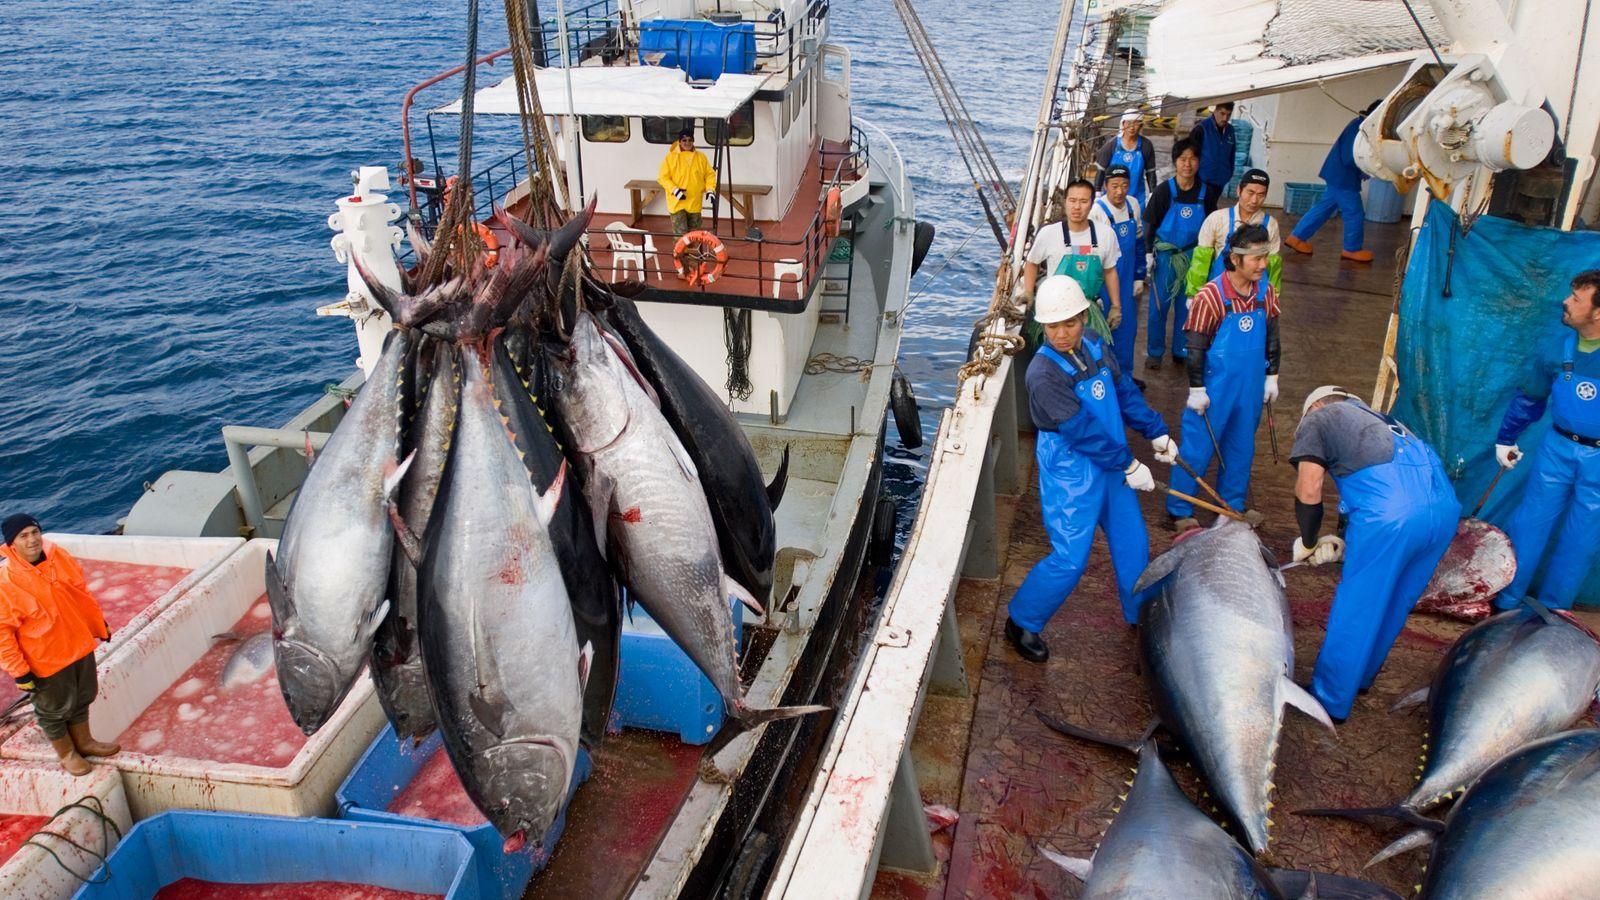 Blauflossenthunfisch-Fang im Mittelmeer: Der bullige Raubfisch steht sinnbildlich für die Ausbeutung der Meere. Überfischung hat ihn ...